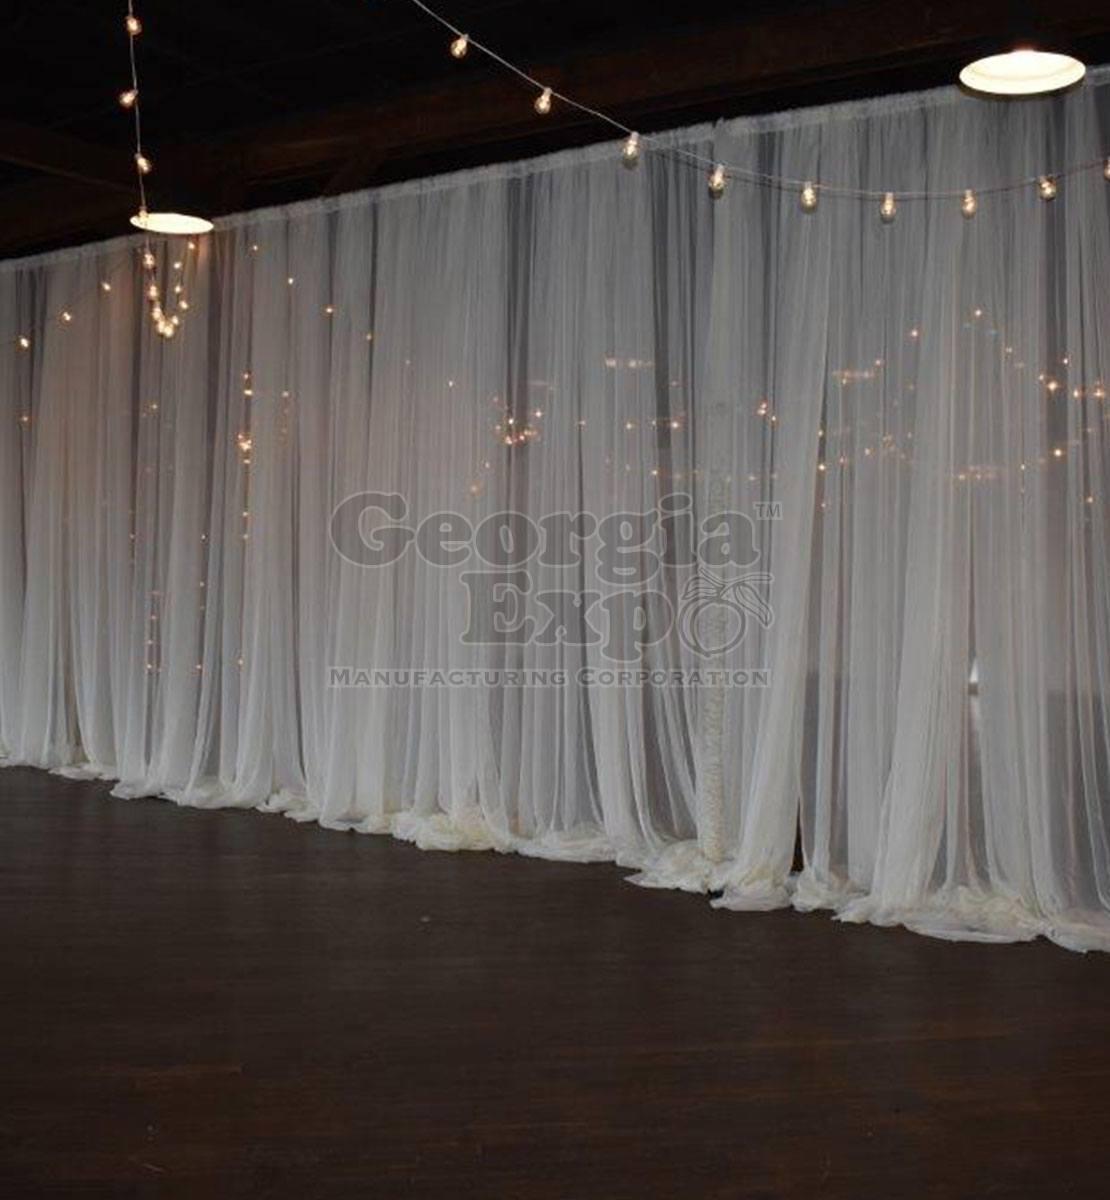 Sheer Drape Voile Sheer Fabric Drape Panels Georgia Expo